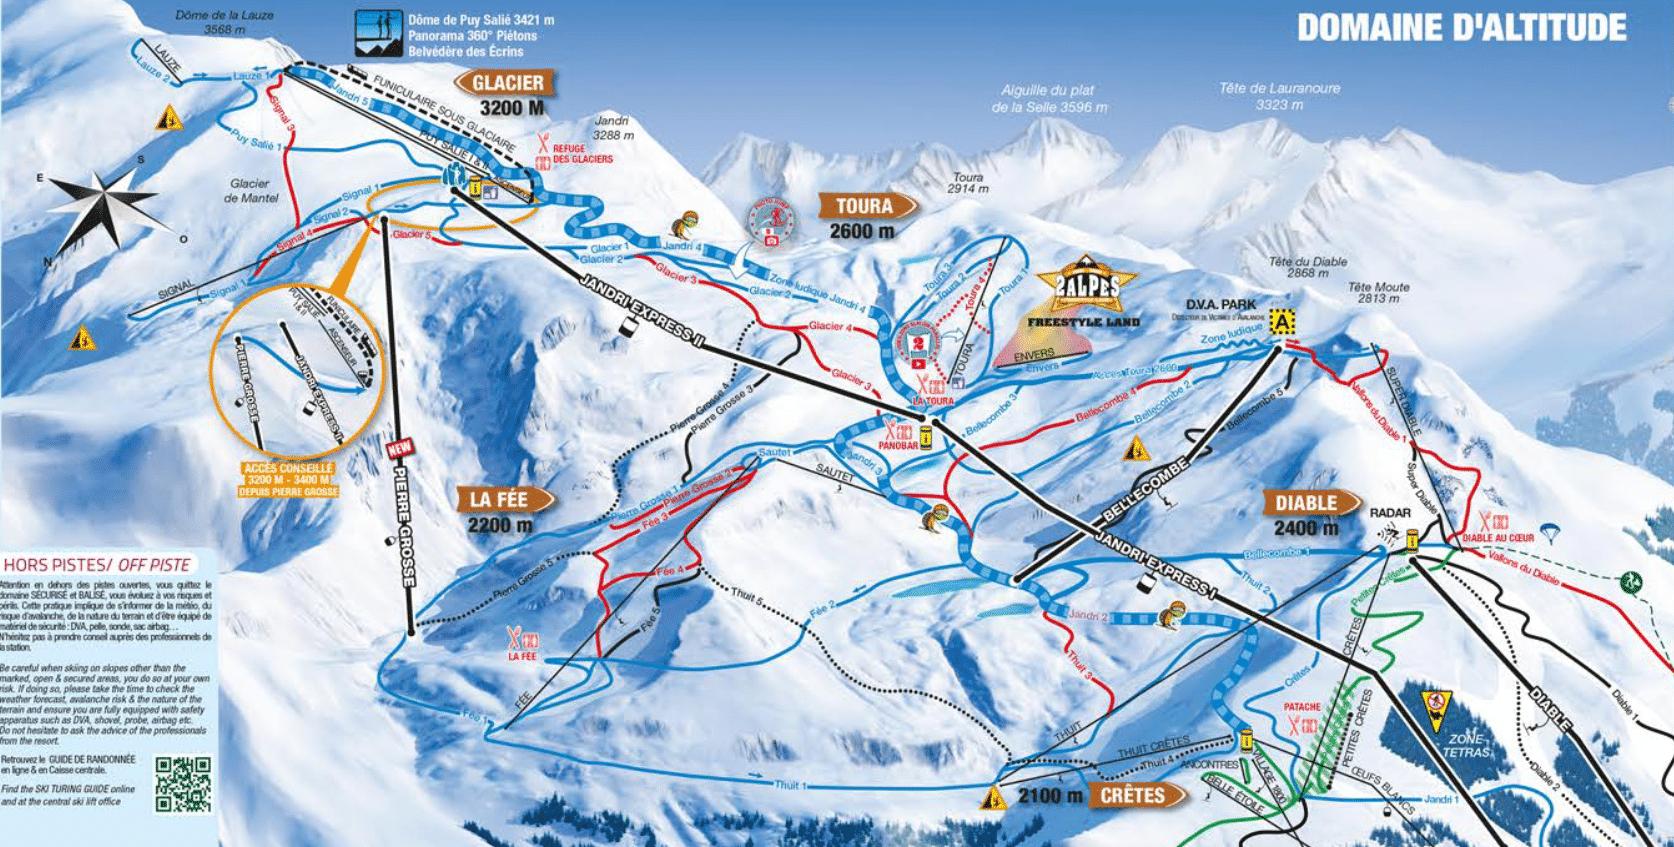 Les 2 Alpes - plan des pistes en altitude